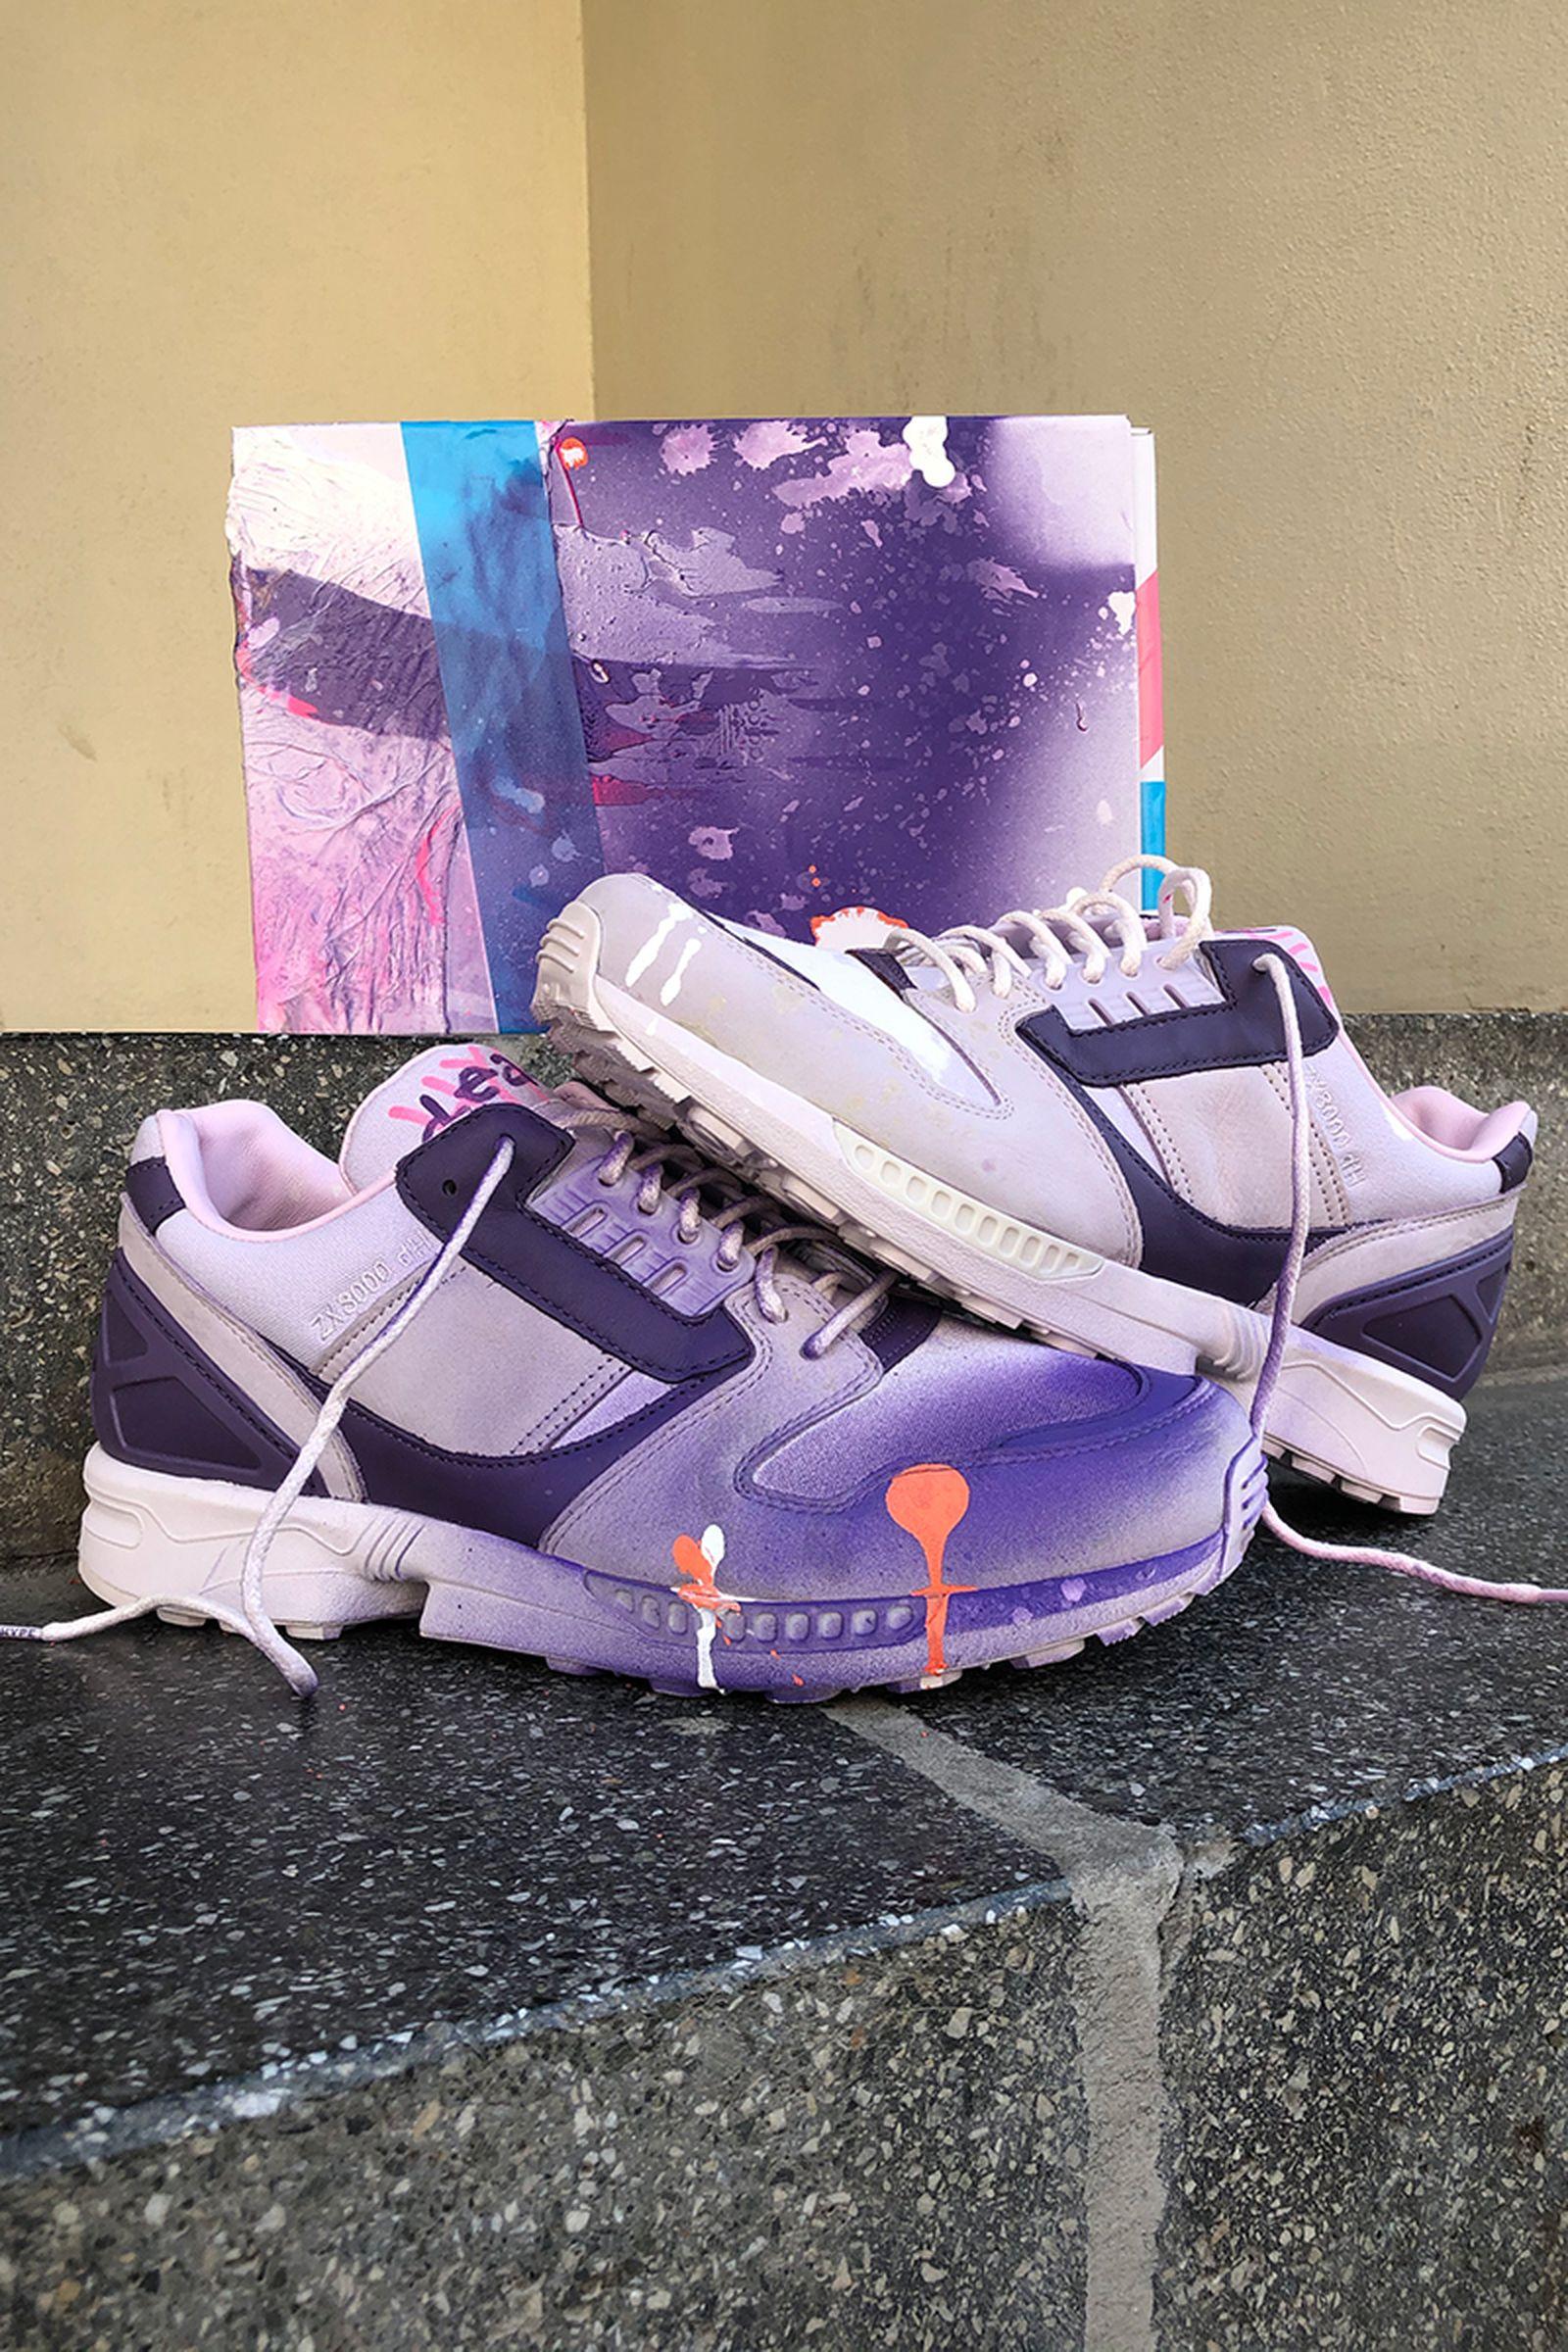 adidas-zx-deadhype-1-2